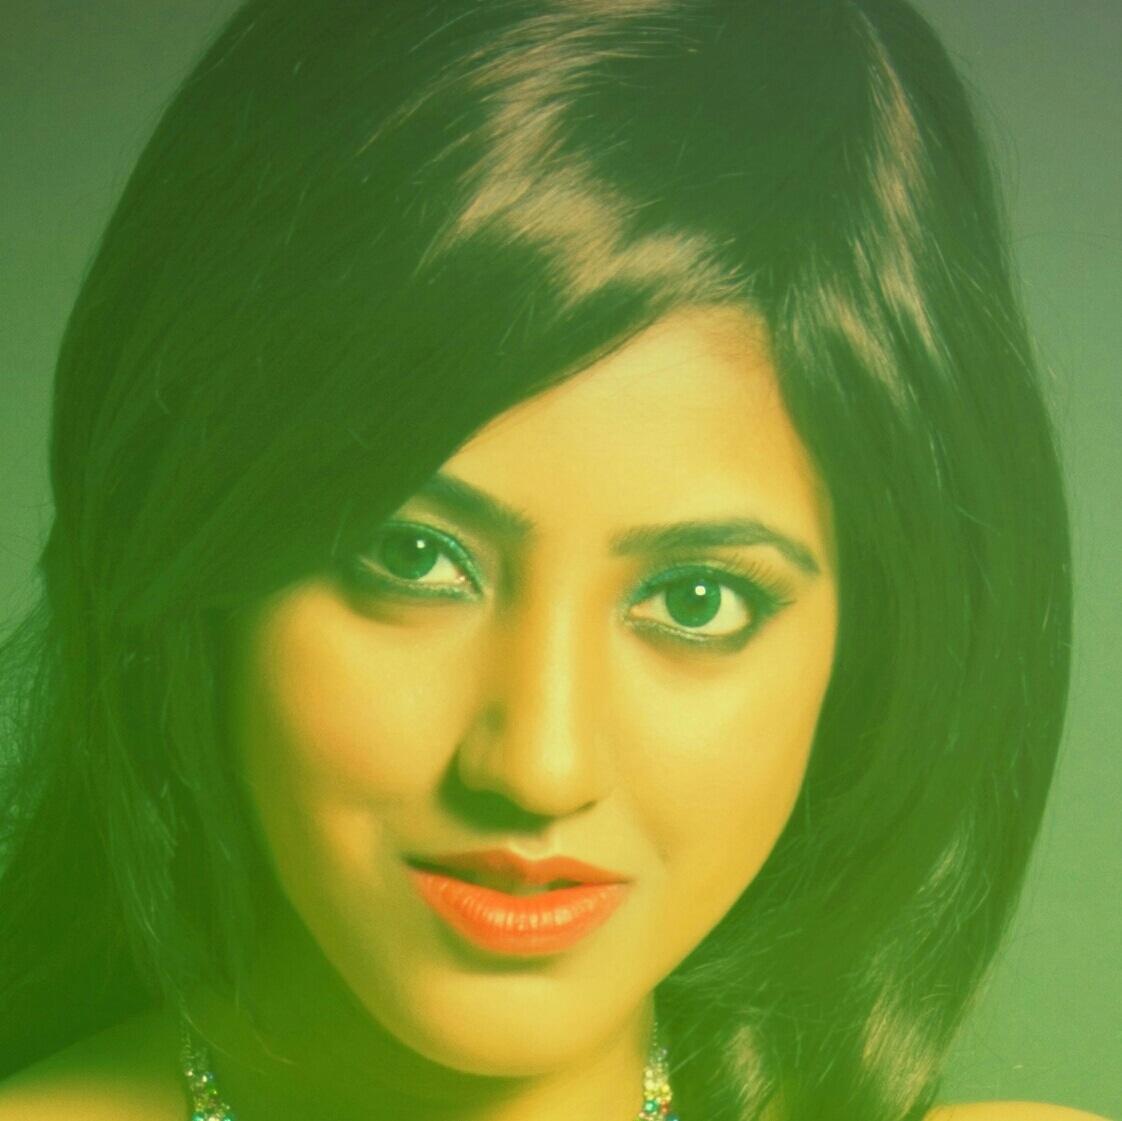 Ana From Mumbai, India